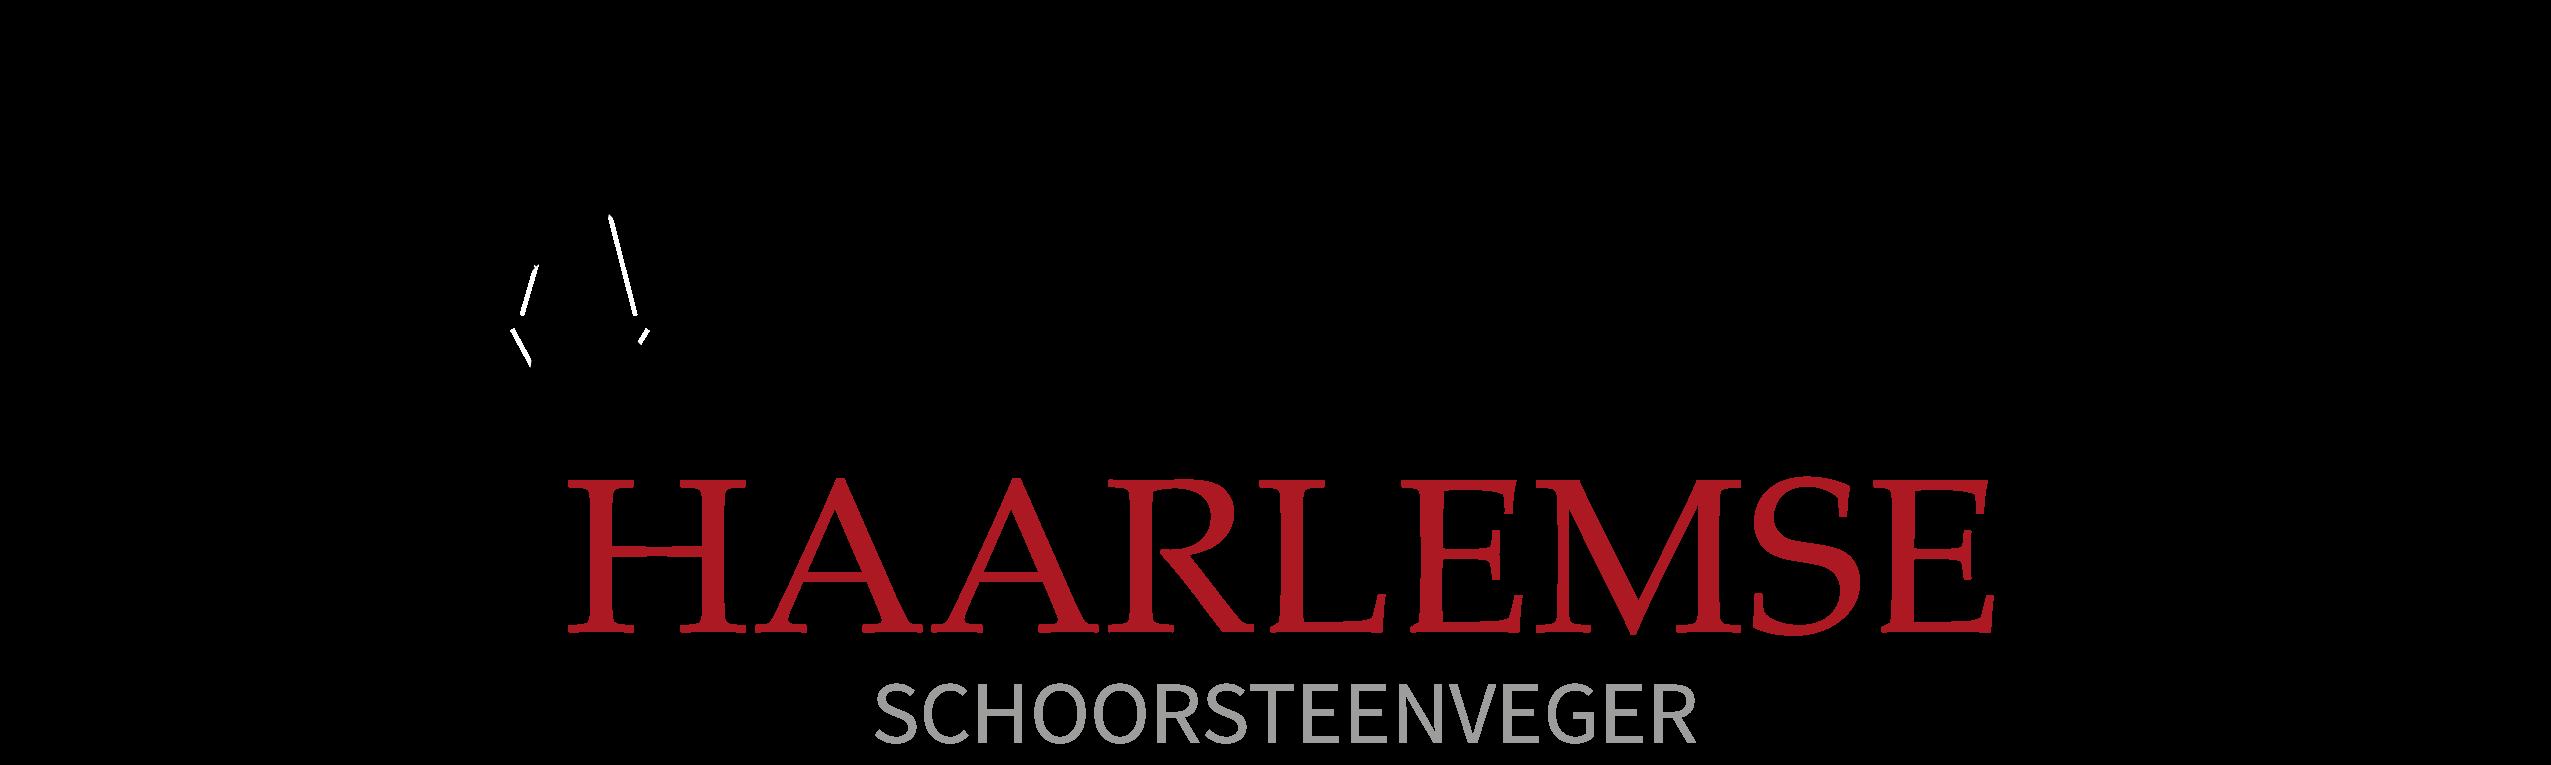 Haarlemse Schoorsteenveger